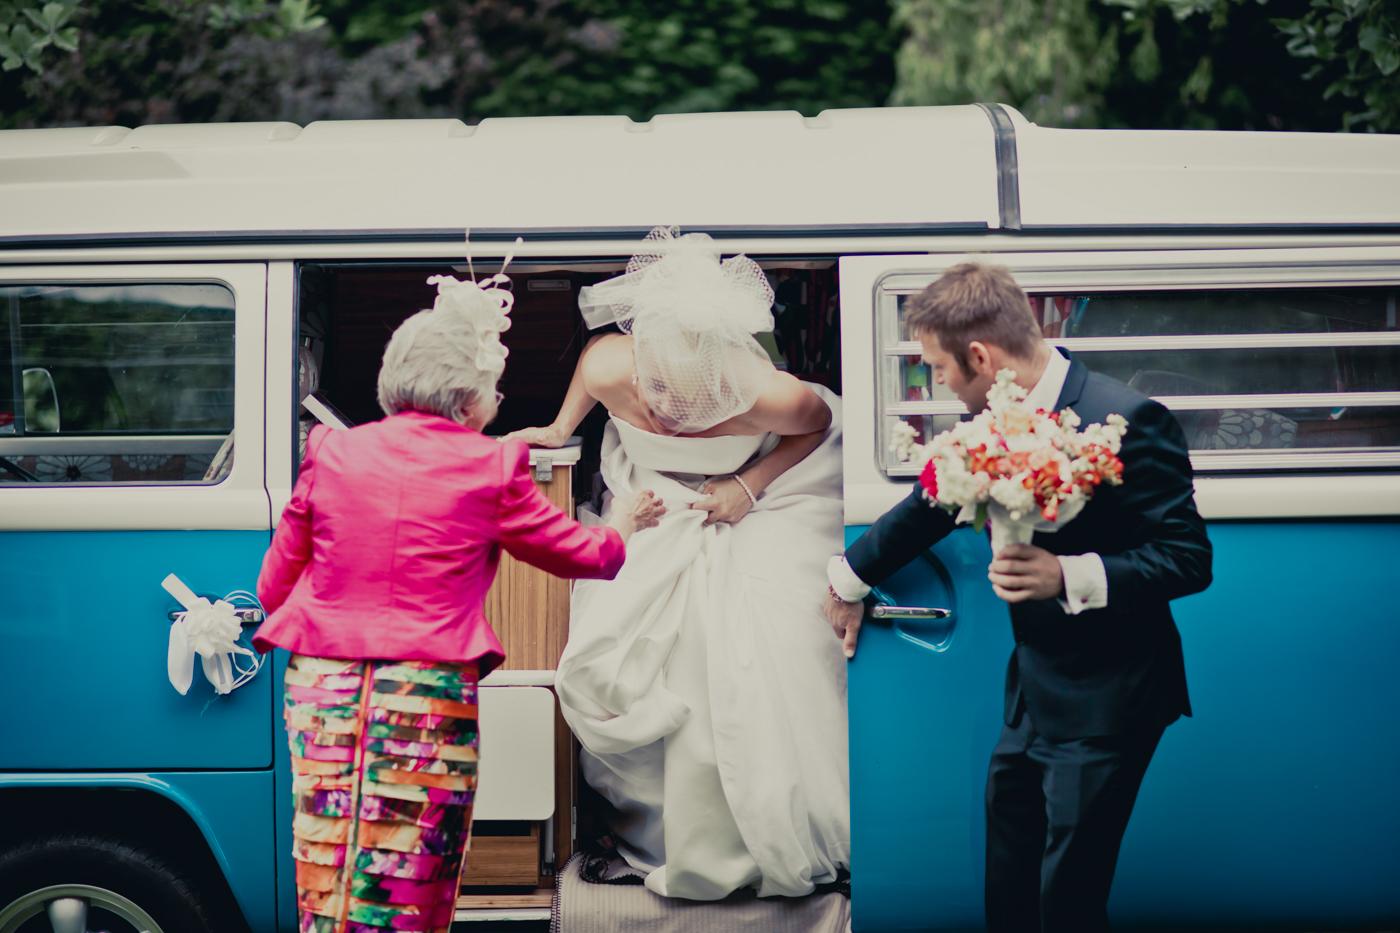 080 Keedy and Carl at The Secret Garden in Retford  - Wedding Photography by Mark Pugh www.markpugh.com_.jpg